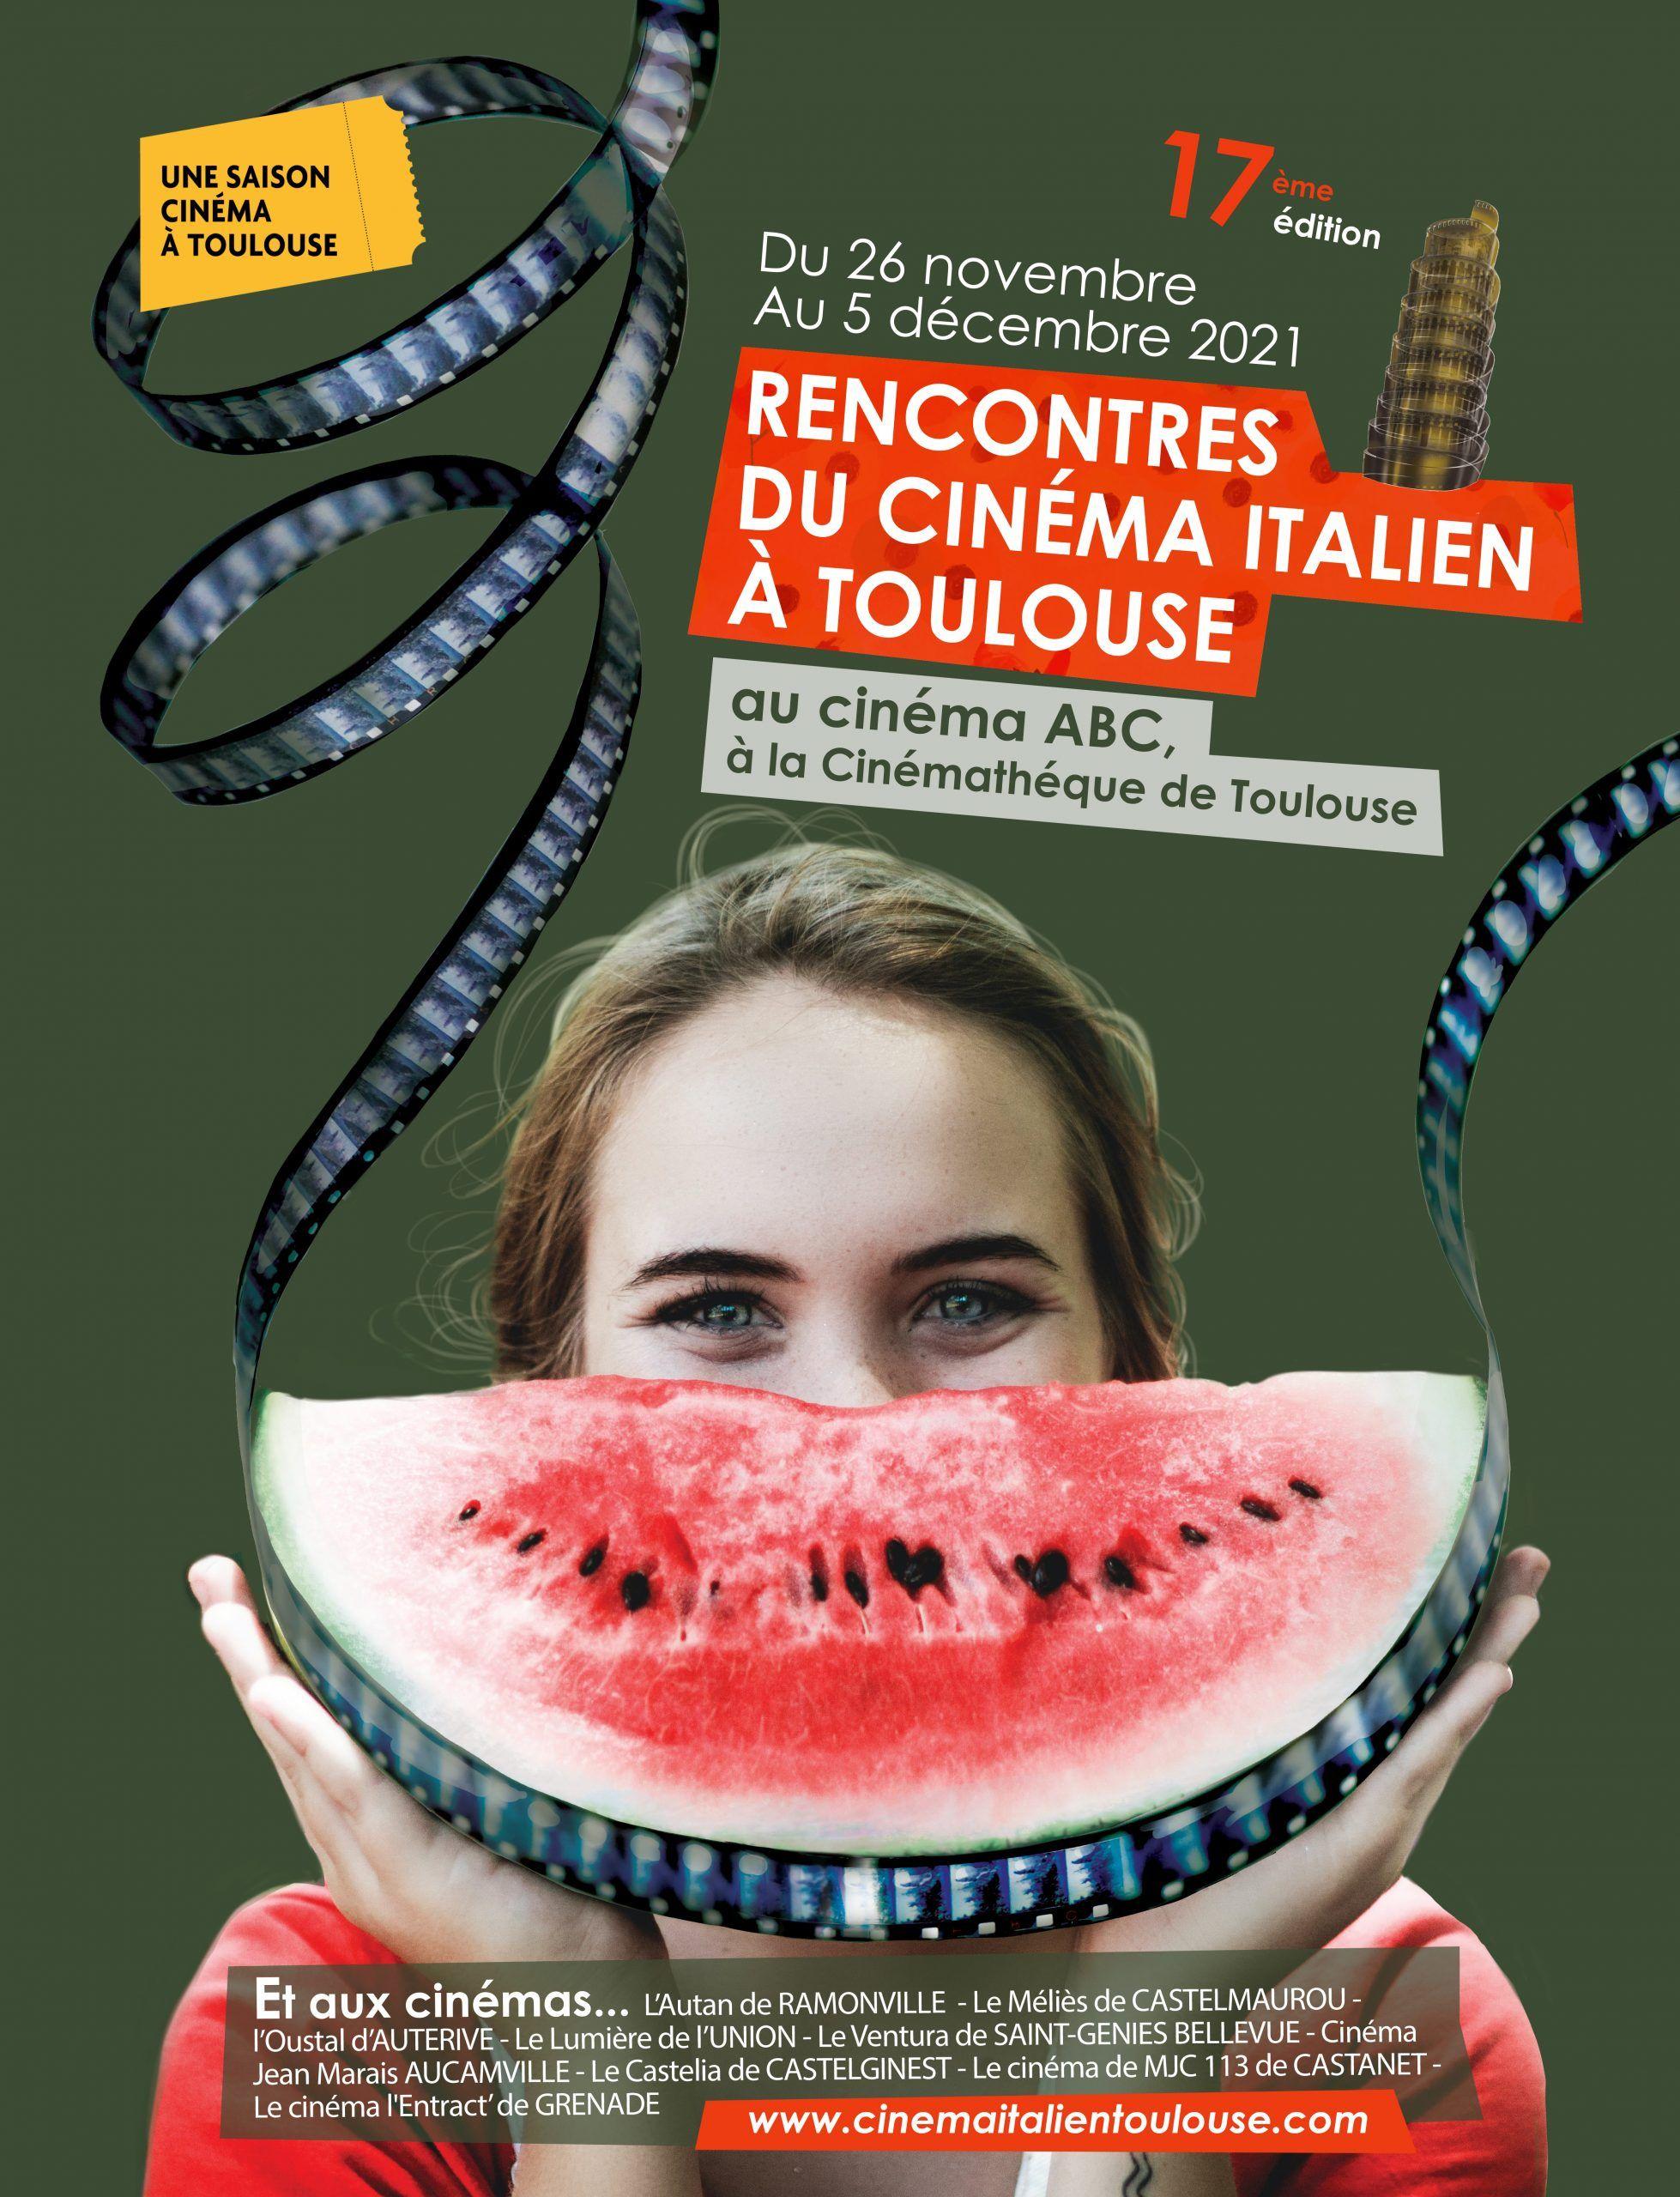 Rencontres du cinéma italien 2021